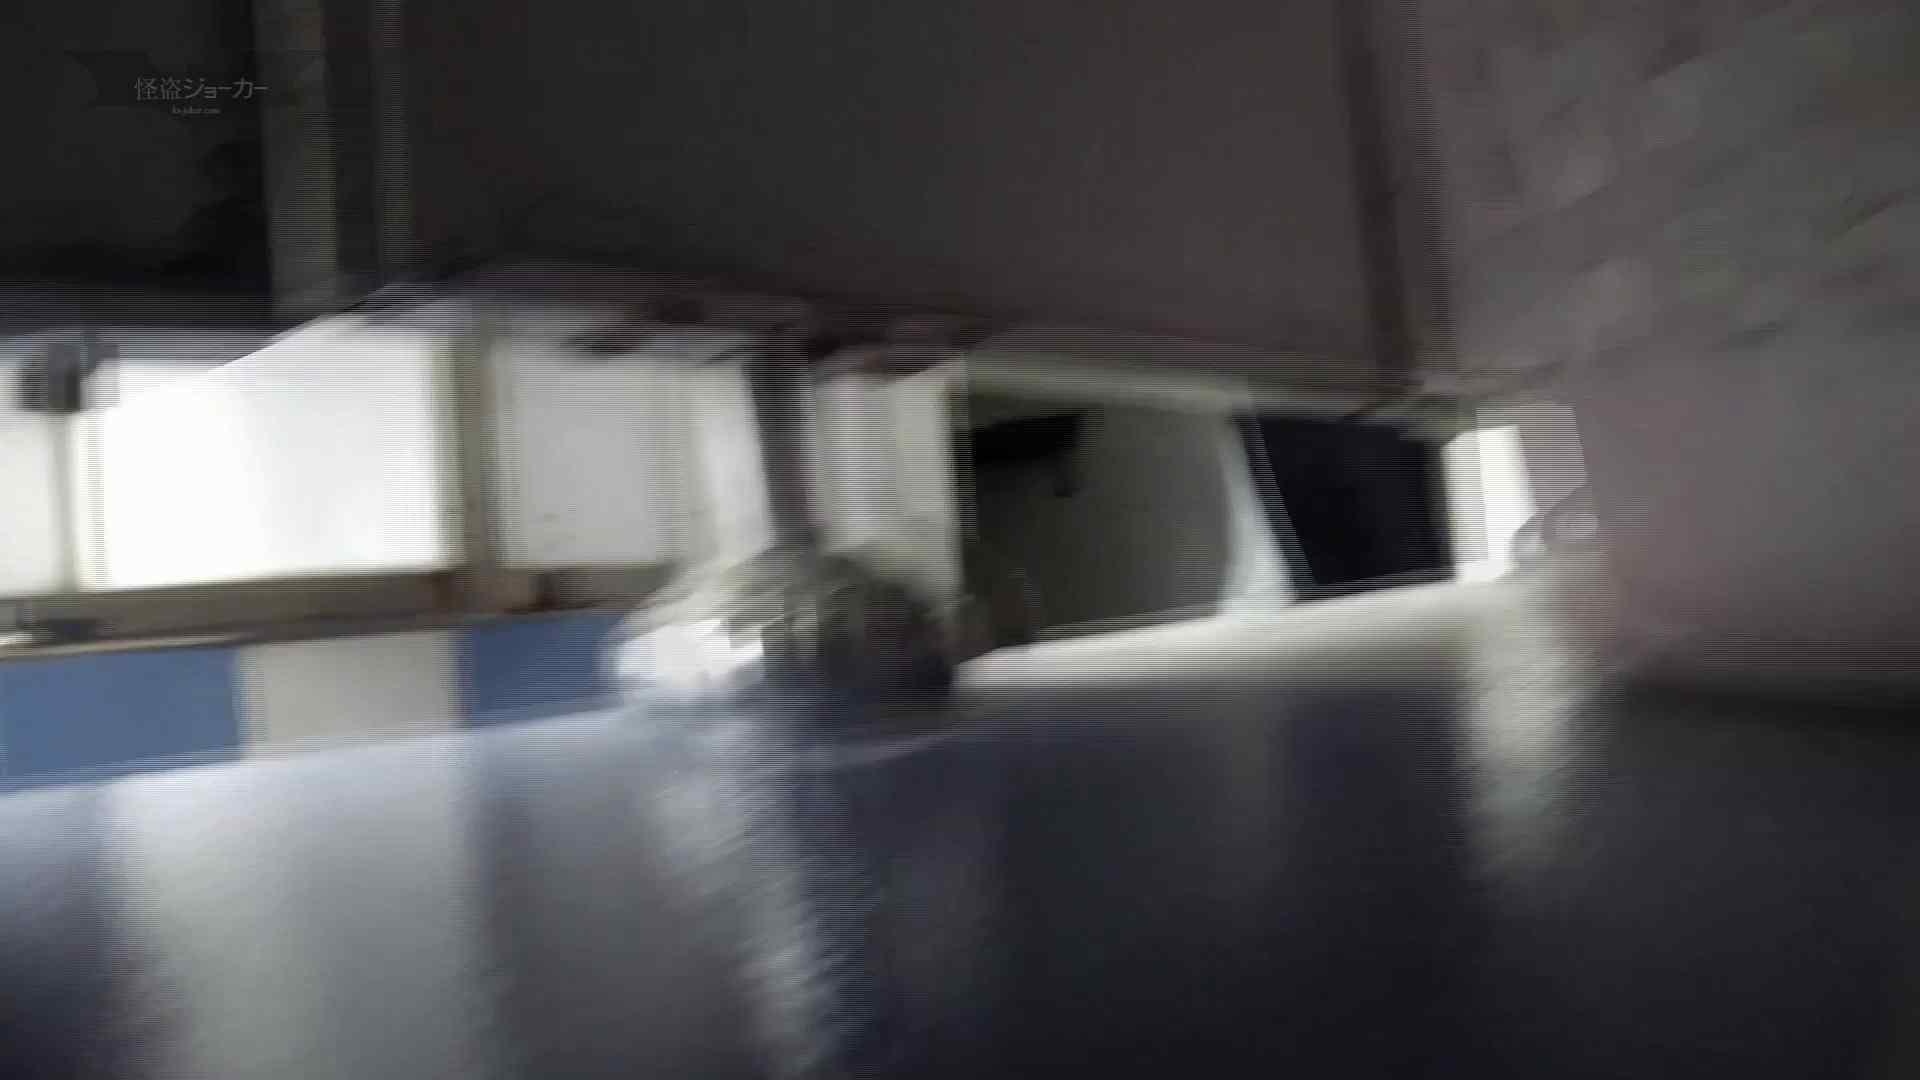 下からノゾム vol.030 びしょびしょの連続、お尻半分濡れるほど、 高画質  68PIX 14